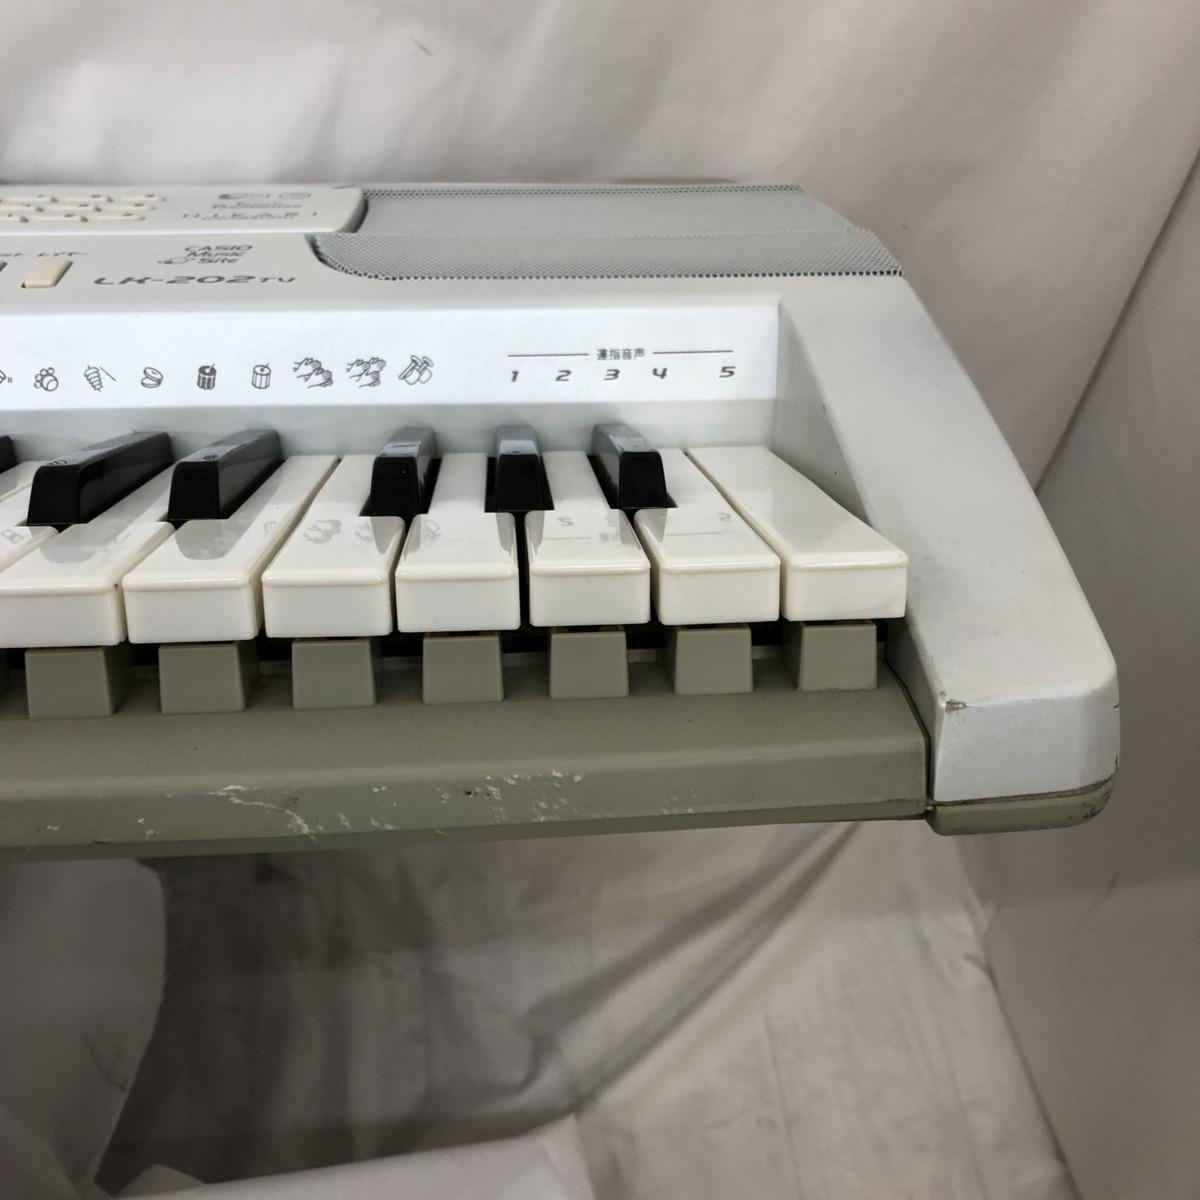 中古 CASIO カシオ 電子キーボード 光ナビゲーション LK-202TV 61鍵盤 シルバー グリーン 電子ピアノ 鍵盤楽器 アダプター 難あり H15233_画像3